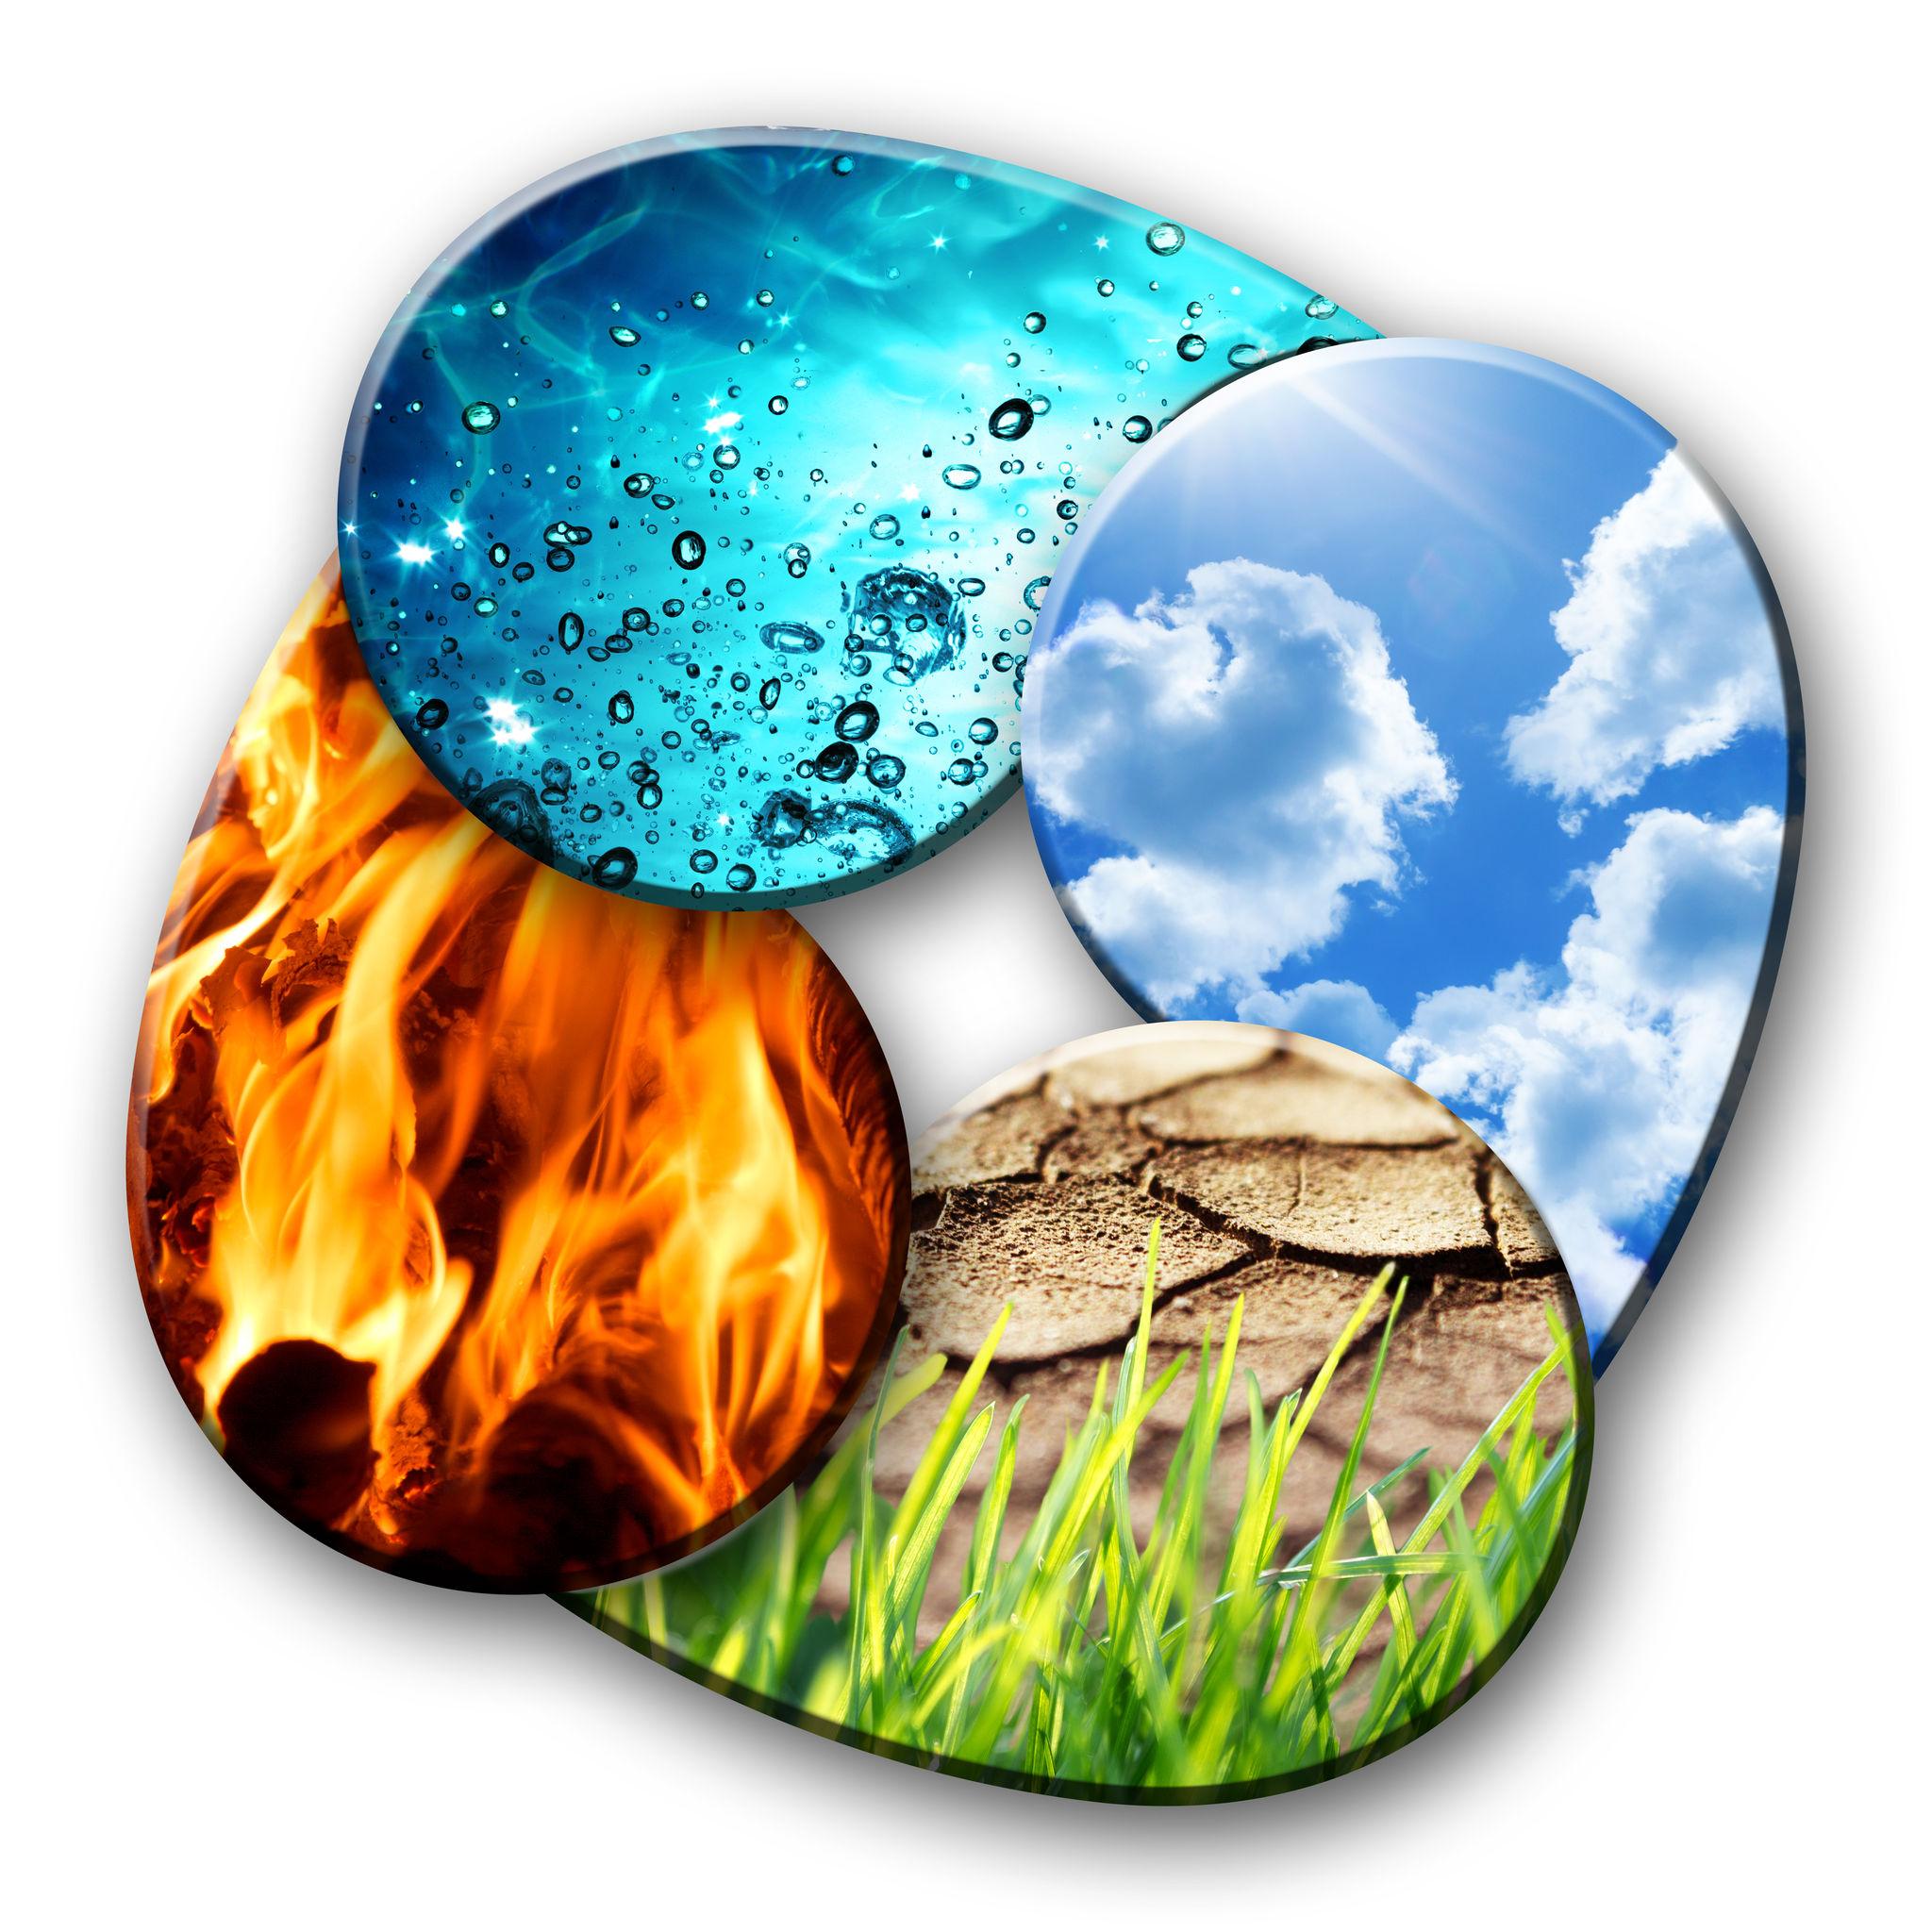 dosha's elementen aarde vuur water en lucht